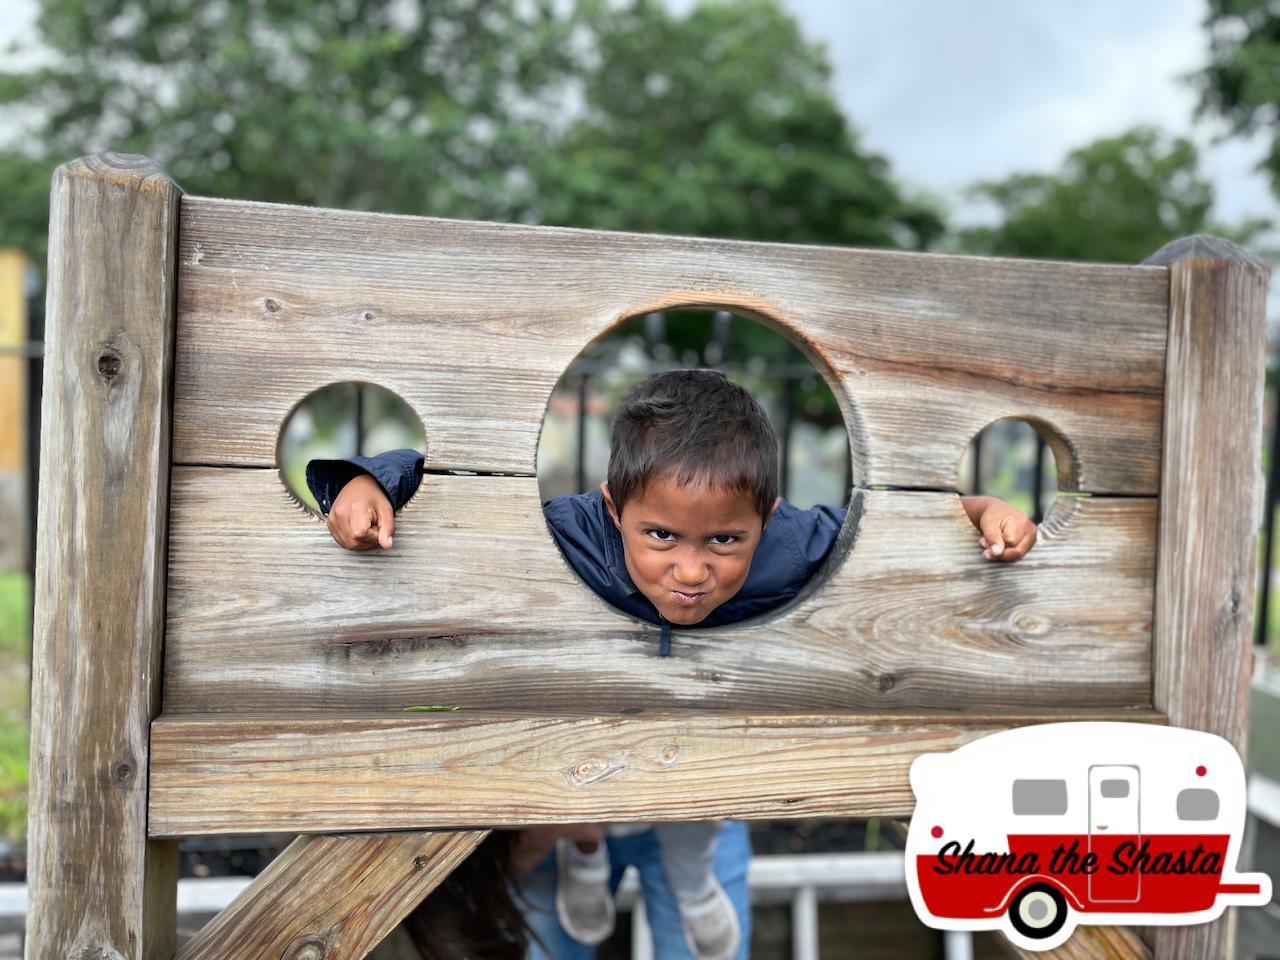 Unruly-Kid-in-Blockade